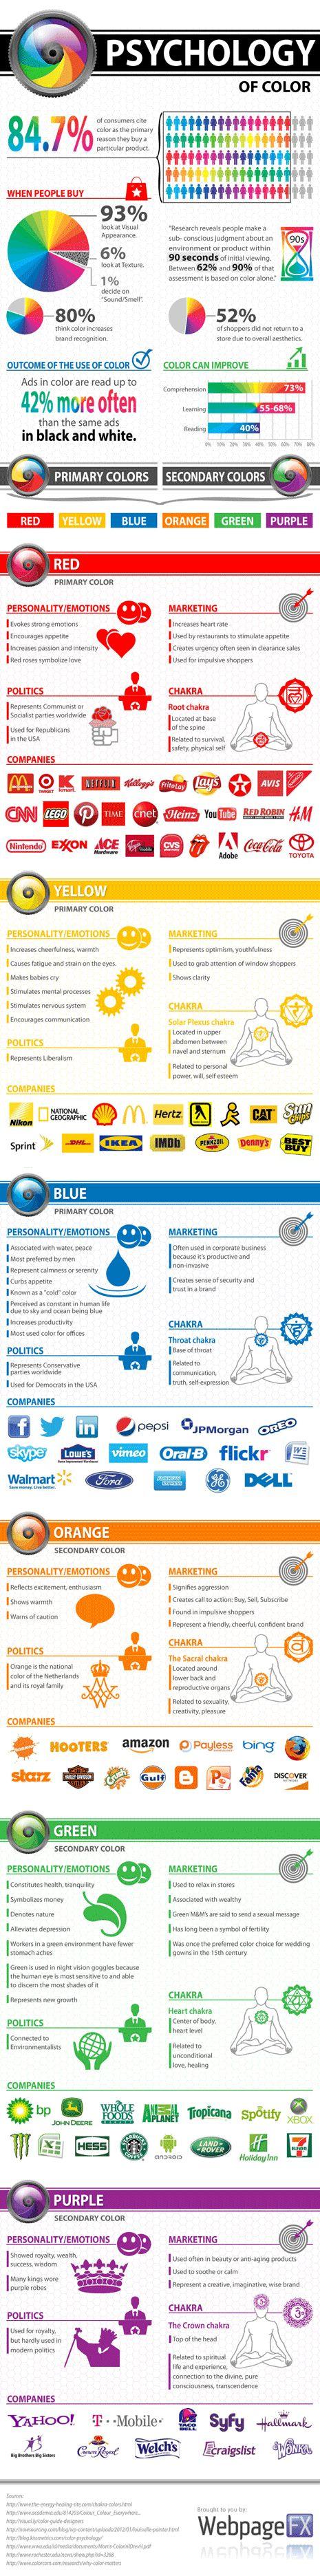 La psicología del color: qué significa un color corporativo o el color de un simple logo.  vía Marketing Directo #mktnutricional #colores #marketing #marketingalimentos